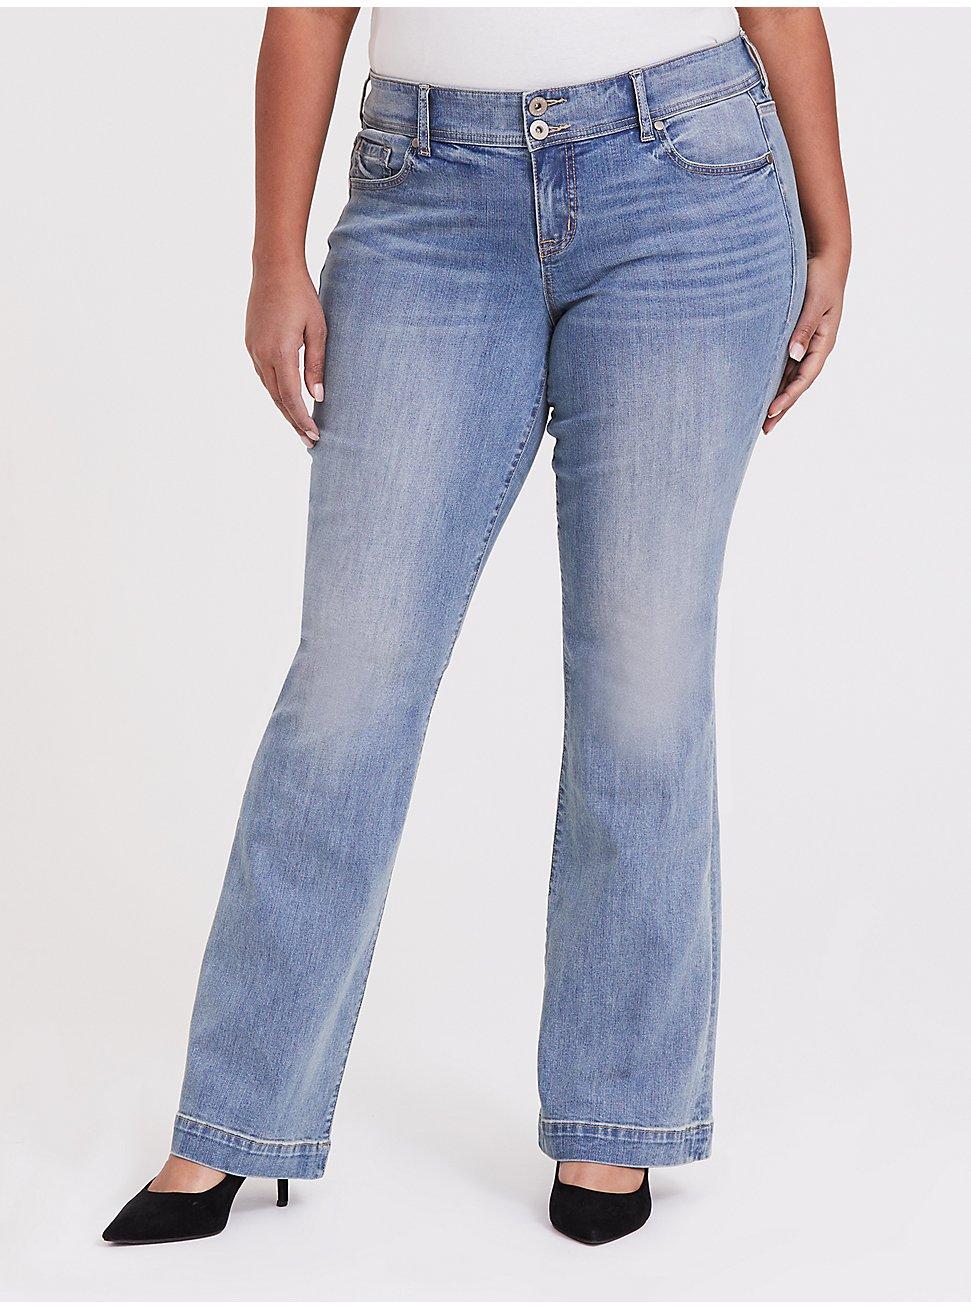 Flare Jean - Vintage Stretch Light Wash, POST UP, hi-res